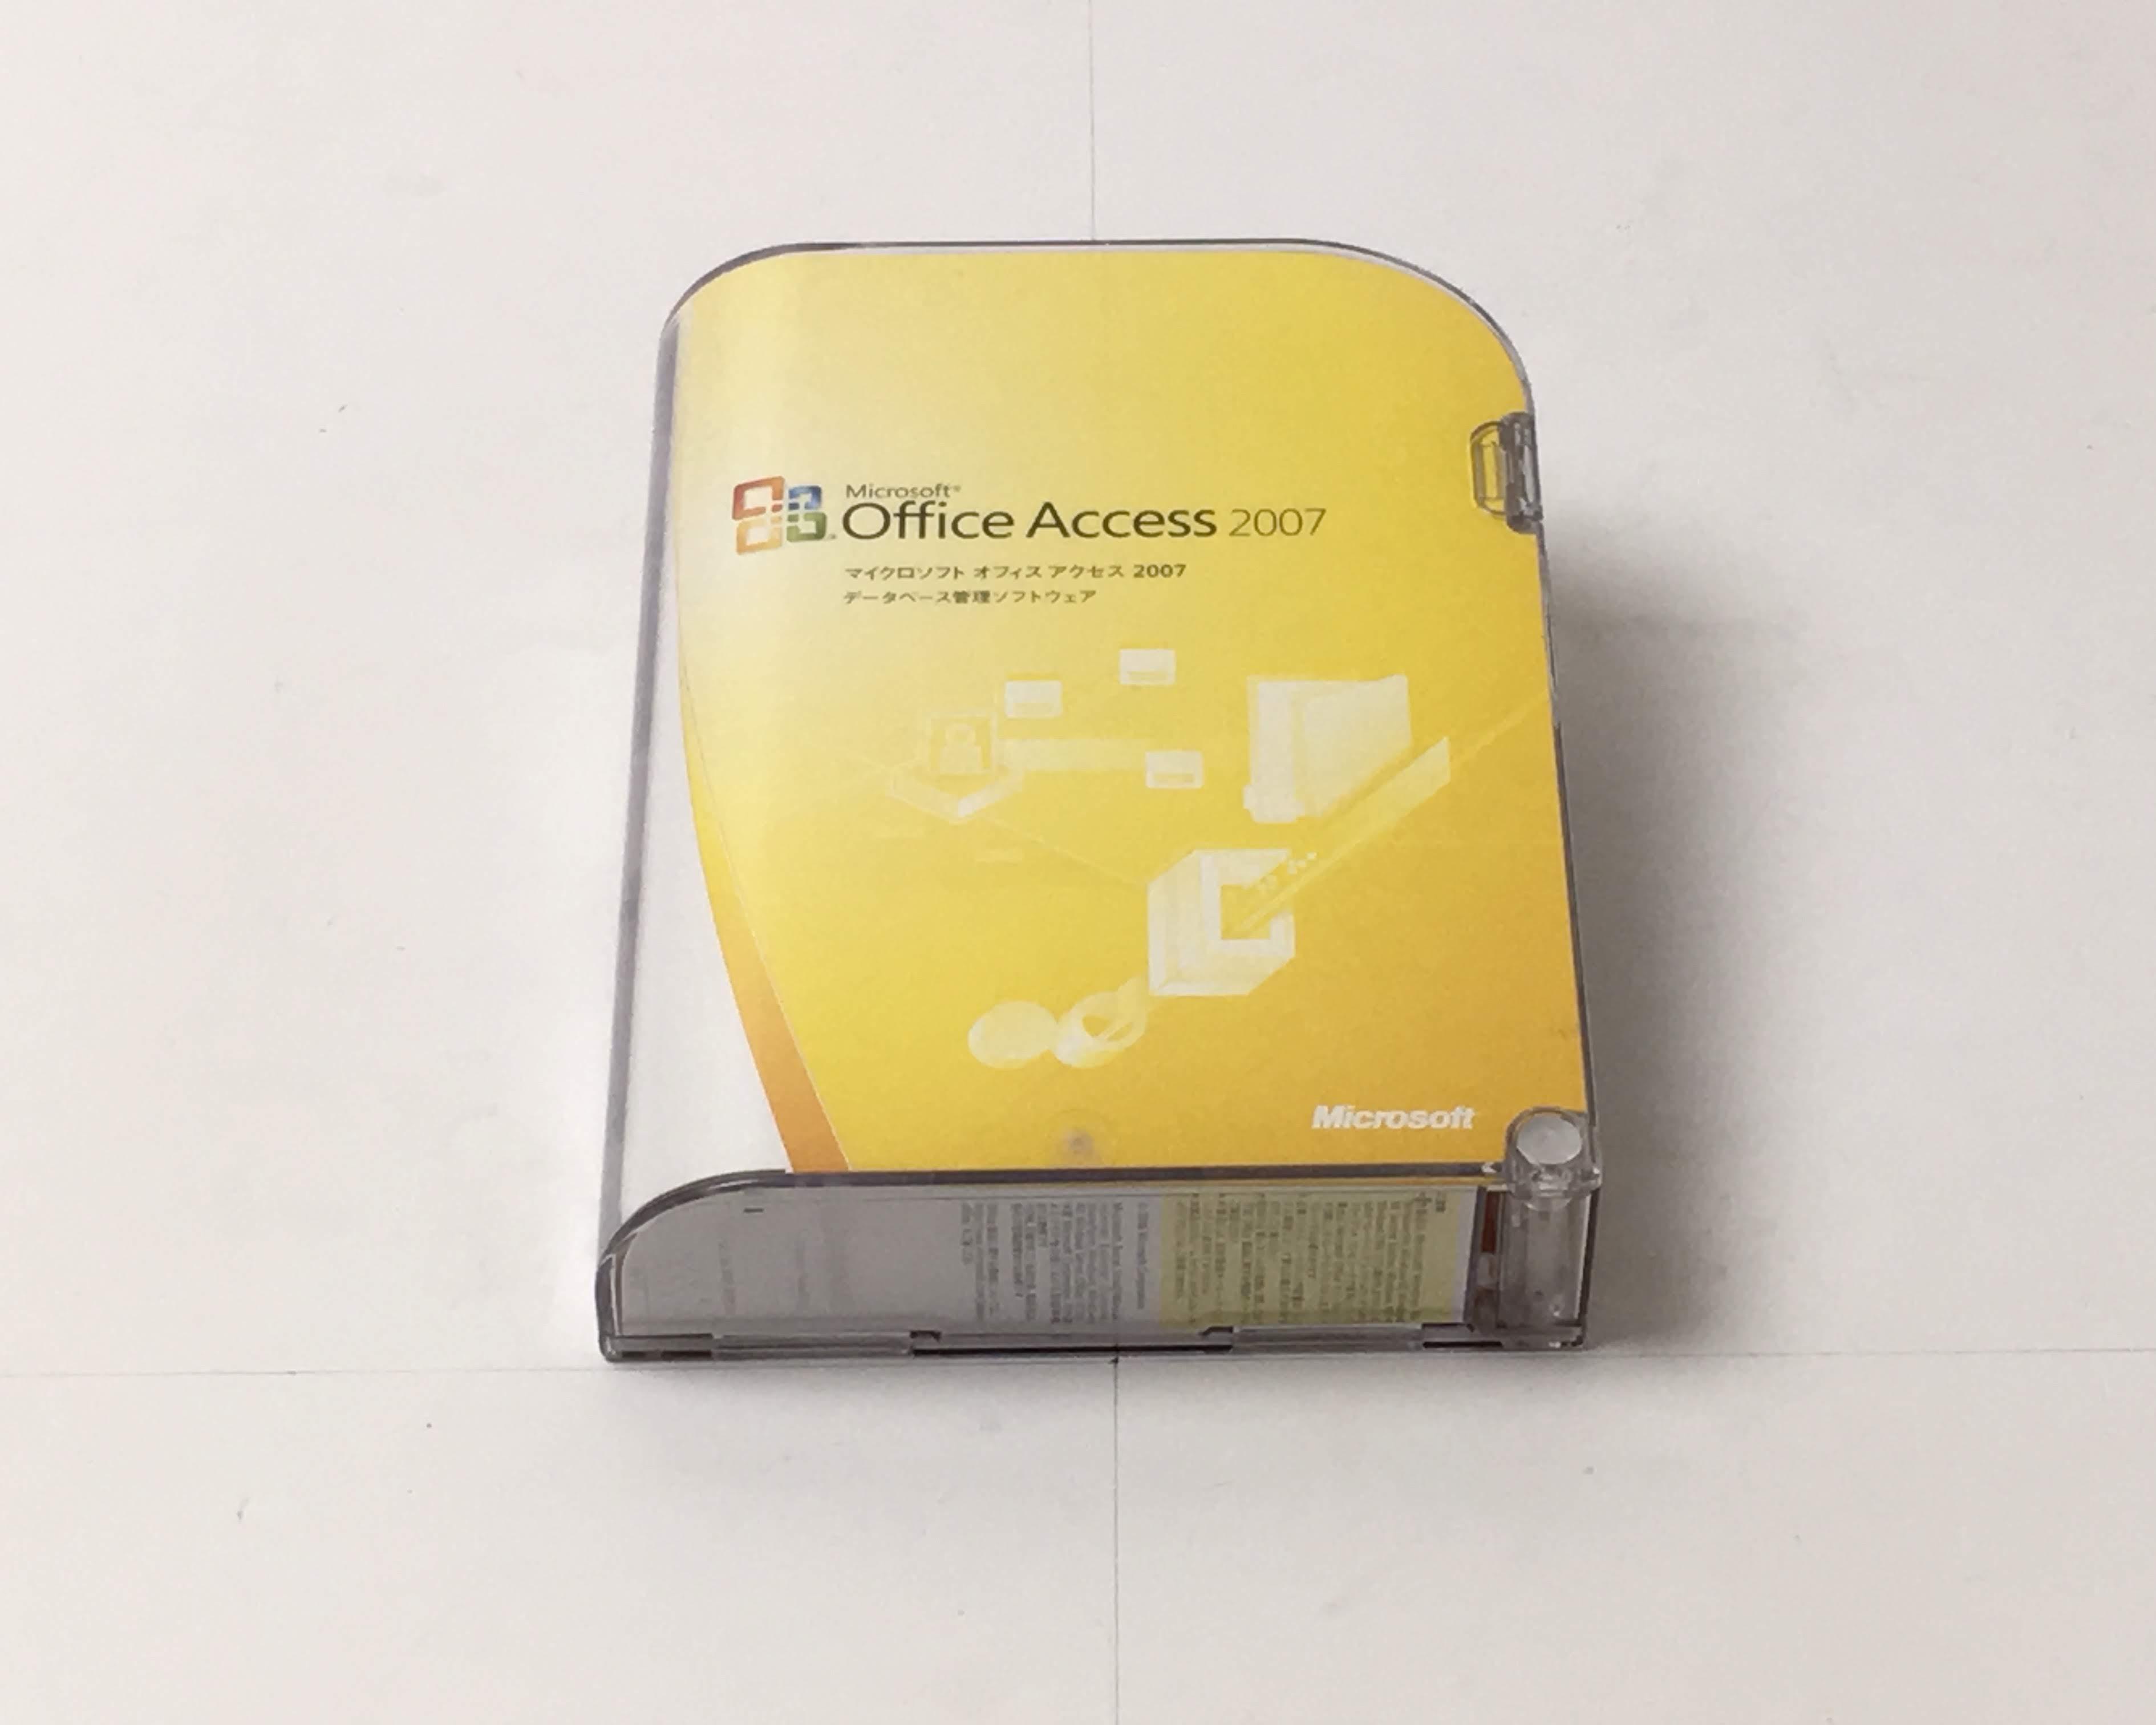 【中古】Microsoft Office Access 2007 メイン画像